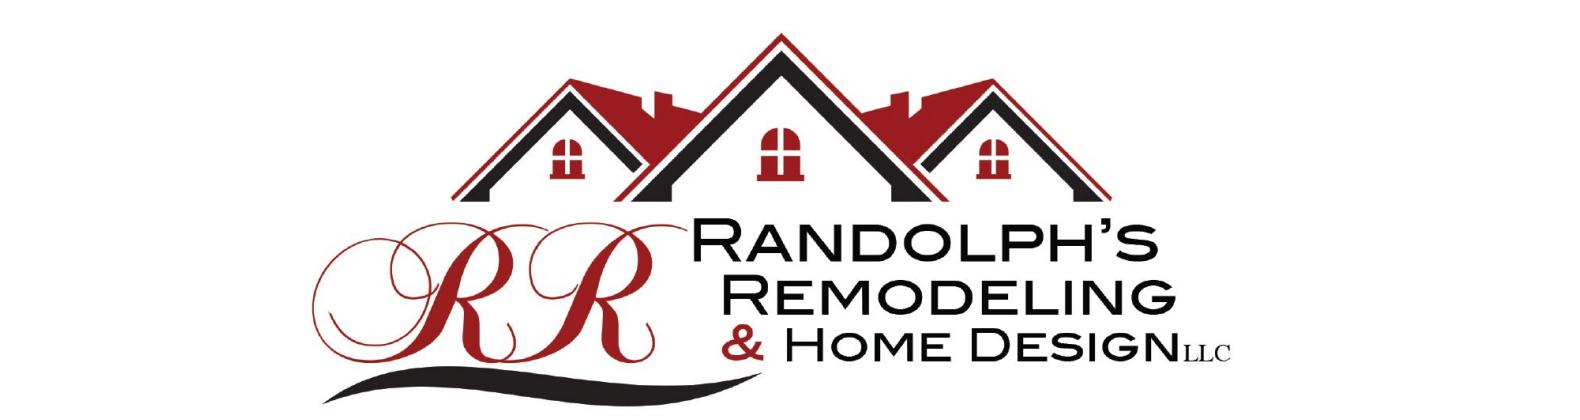 Randolphs-Remodeling-Nashville-TN-Brentwood-Windows-Siding.jpg